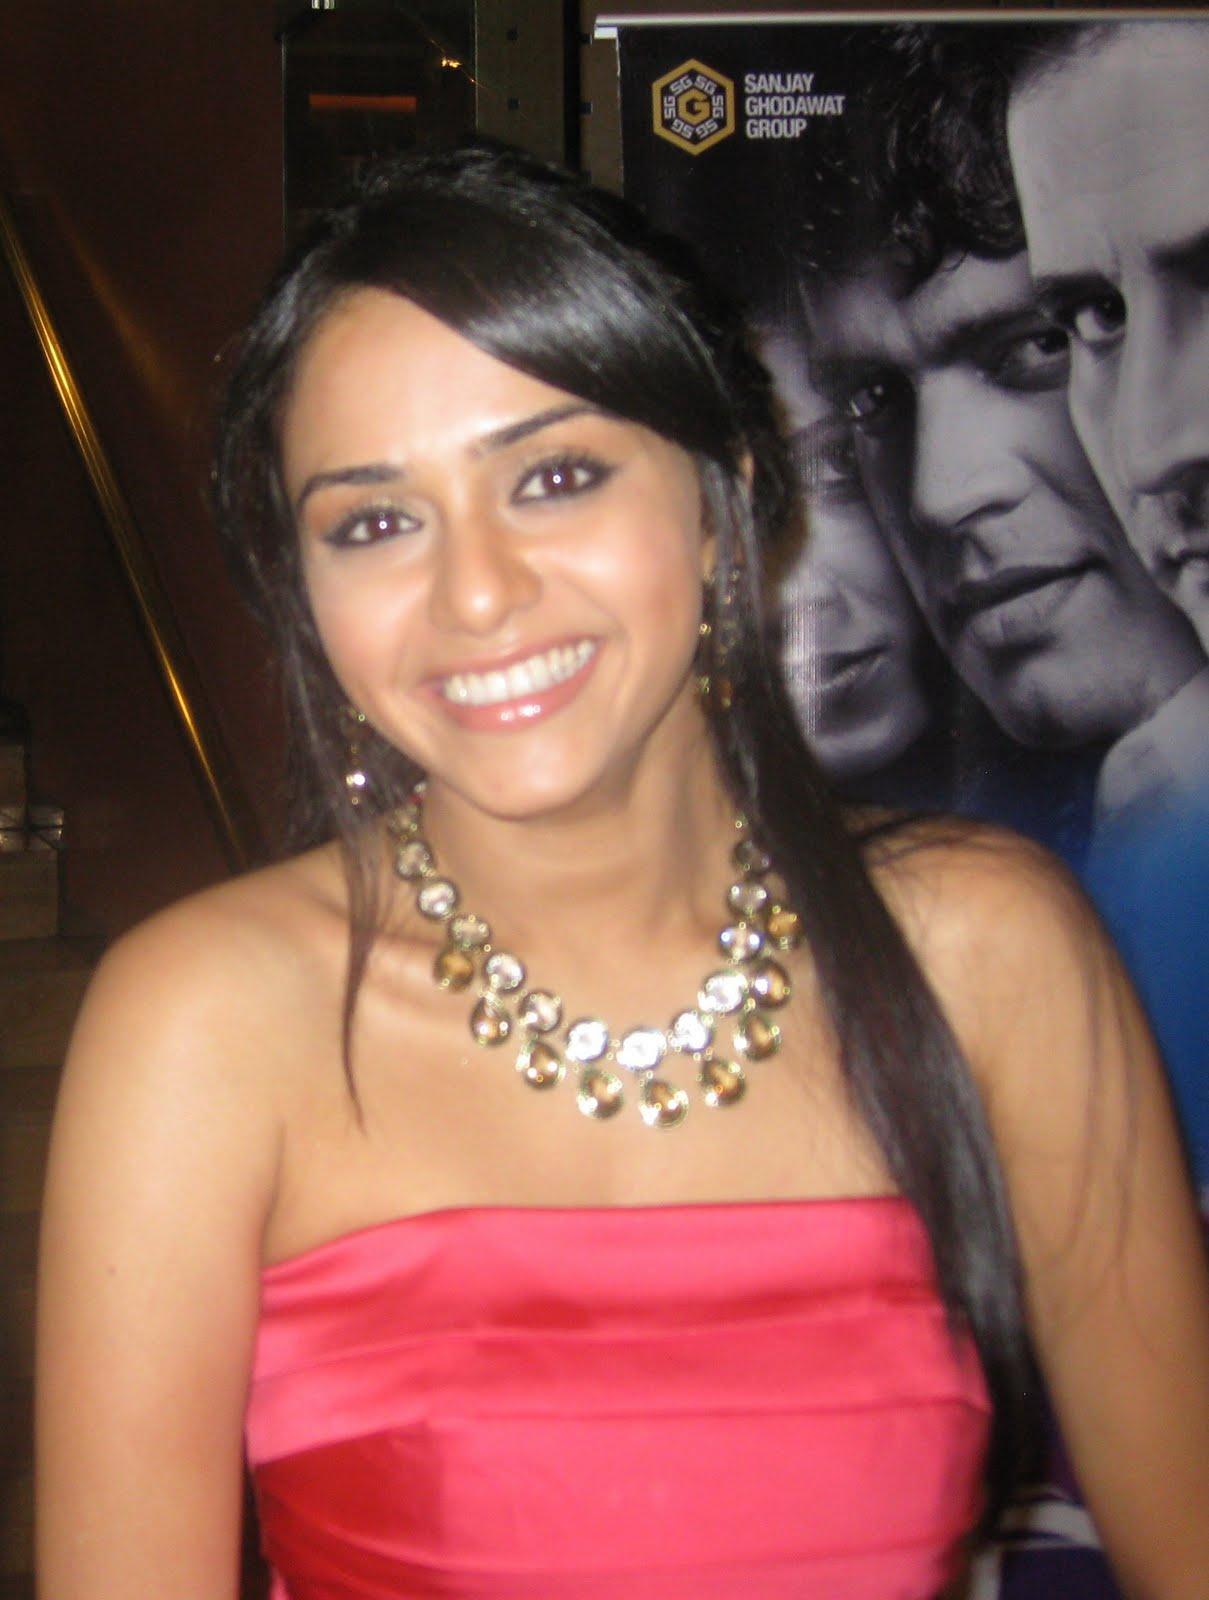 http://3.bp.blogspot.com/_jynCnIdwsk4/S8hLnJaQYDI/AAAAAAAABmM/kzf9r4zS4DU/s1600/Marathi-actress-wallpapers-003-amruta-khanvilkar.jpg